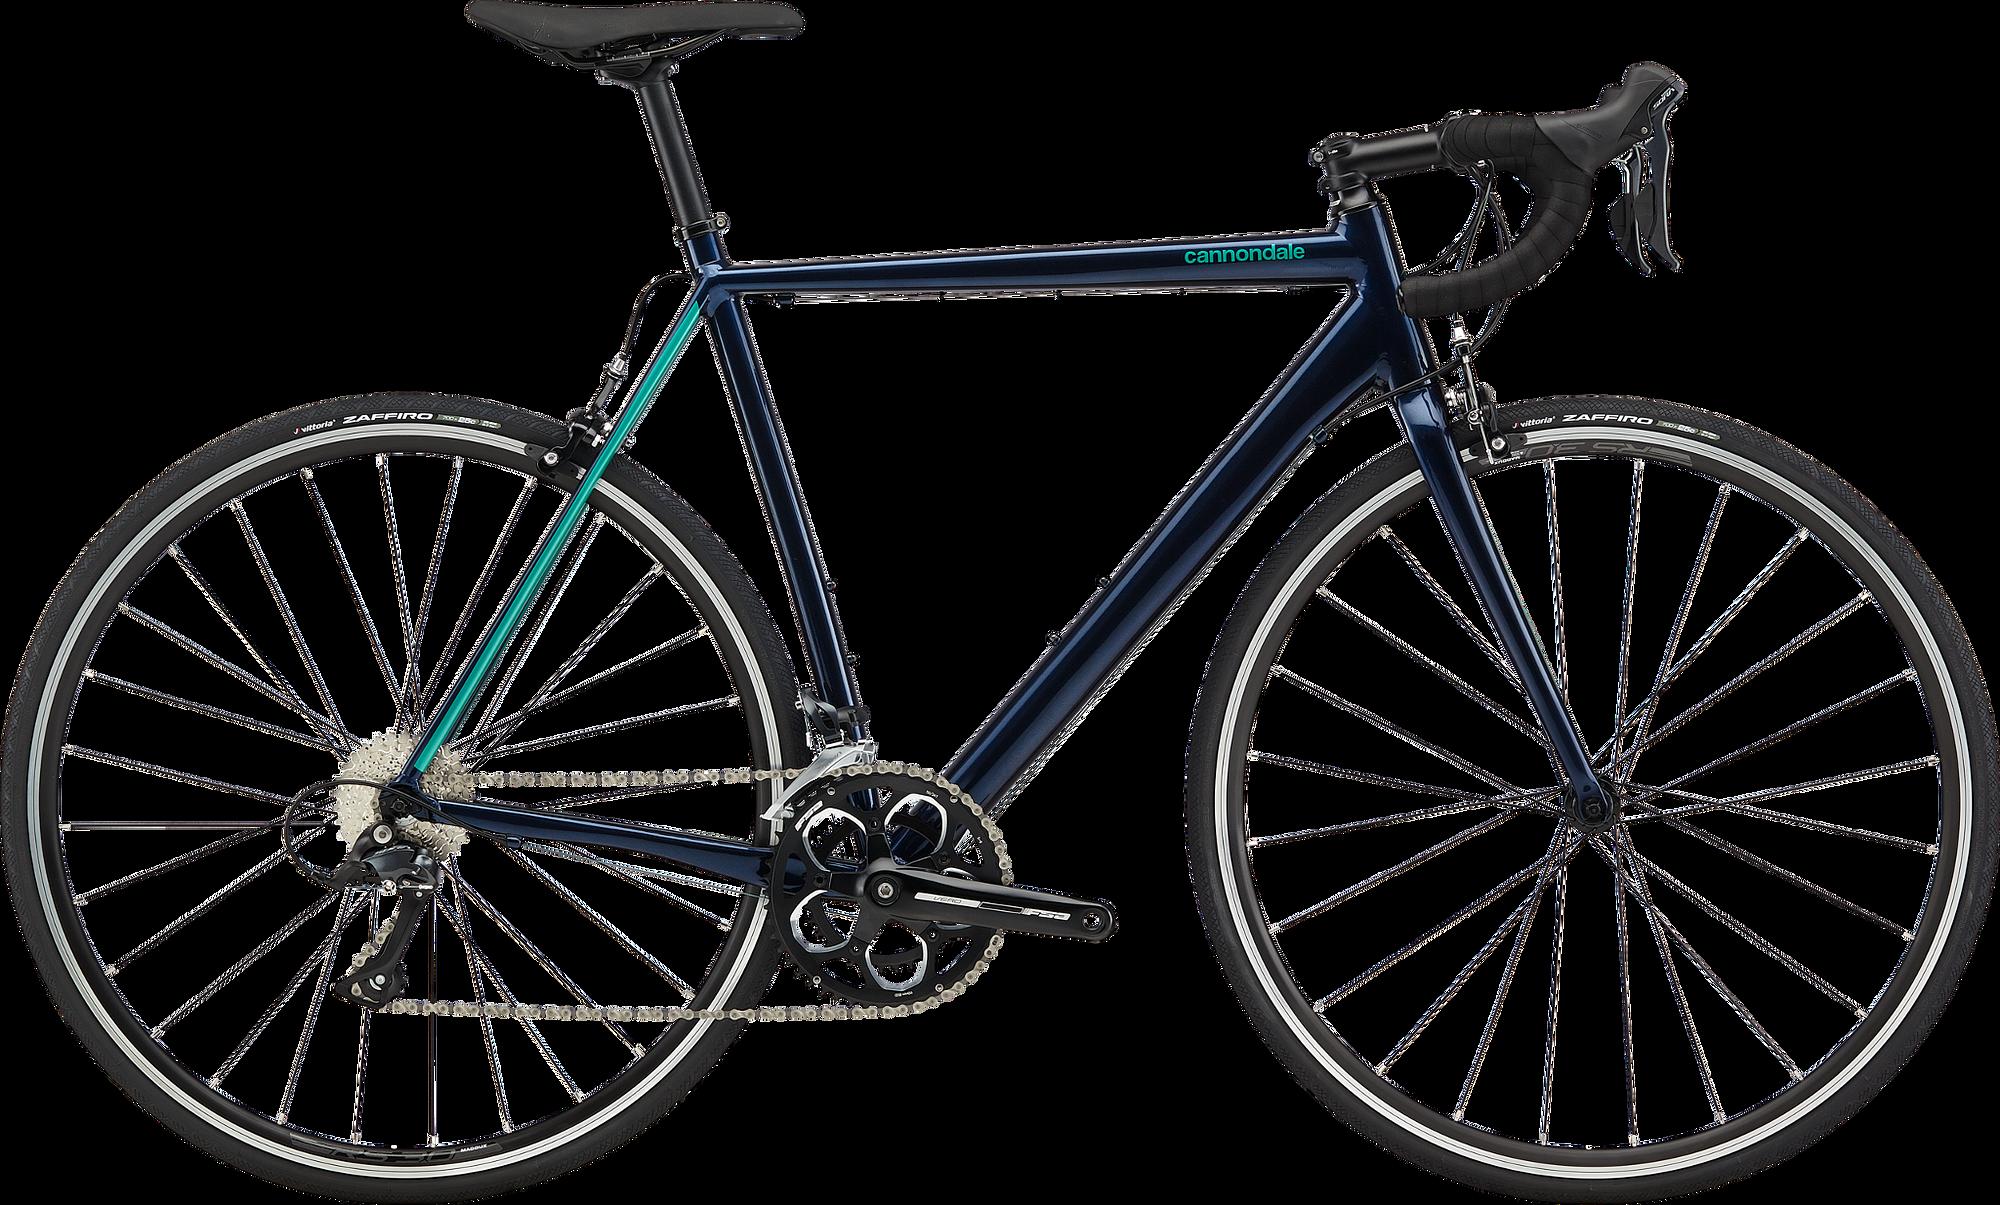 Bicicletas de carretera económicas Cannondale CAAD